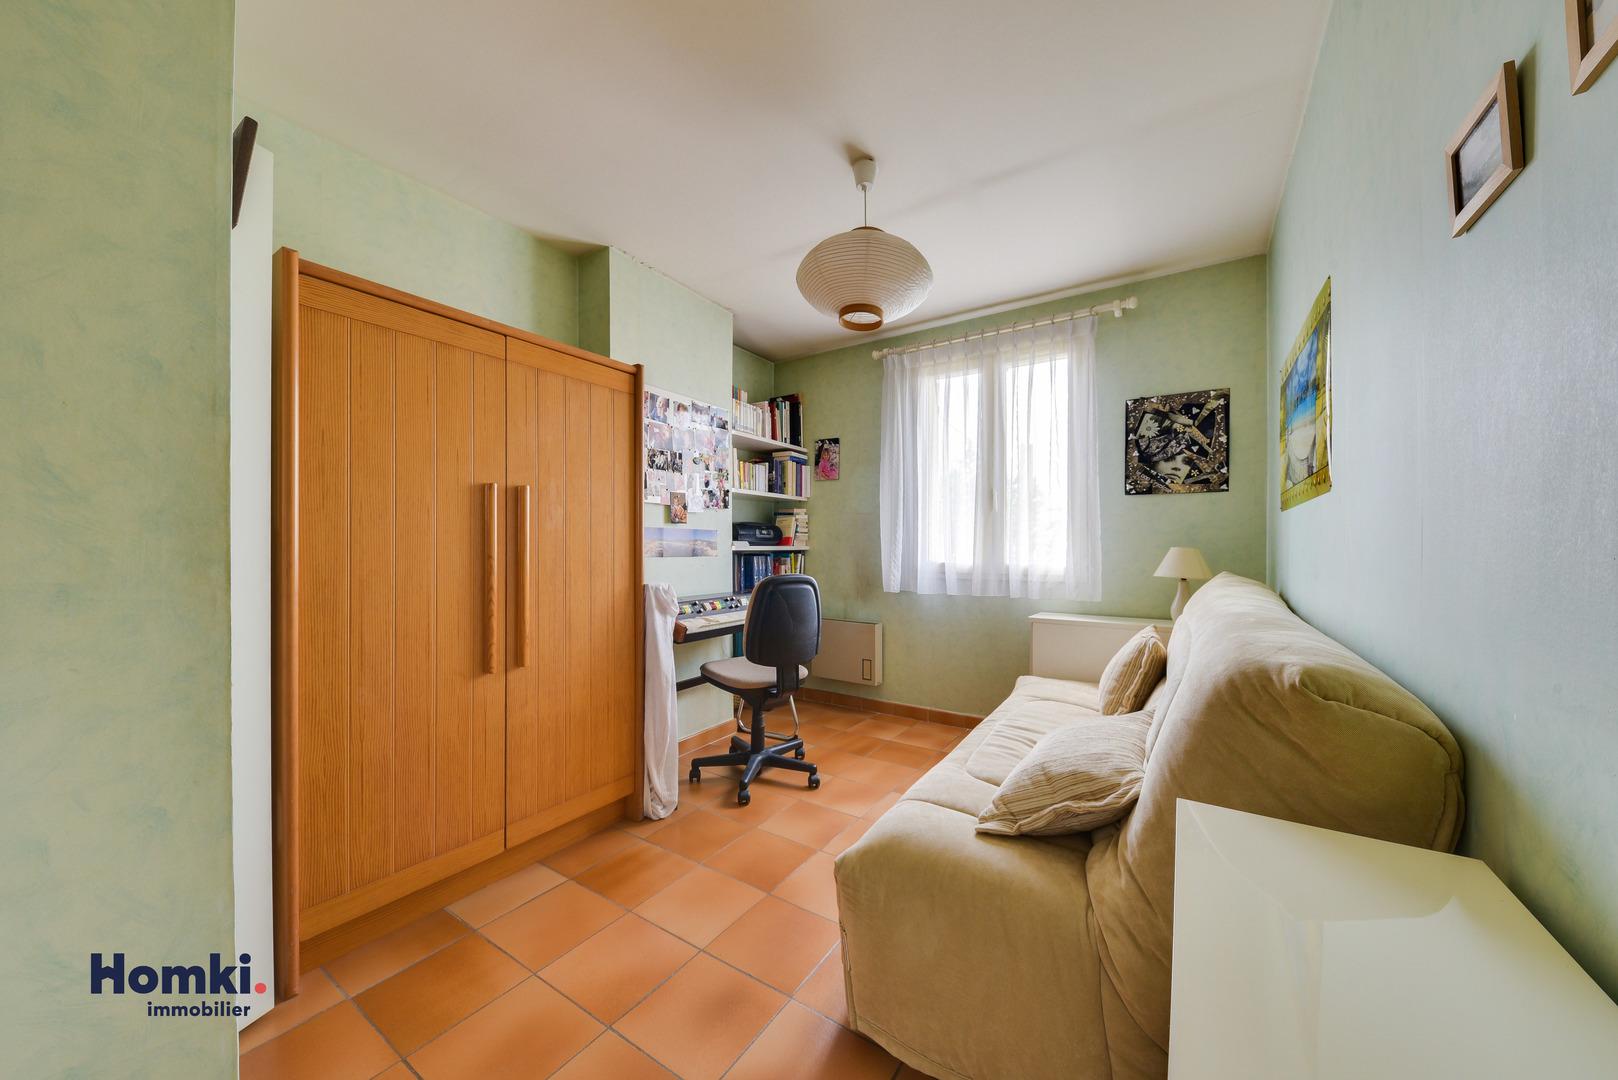 Vente Maison 105m² T4 13007 ROUCAS BOMPARD_12